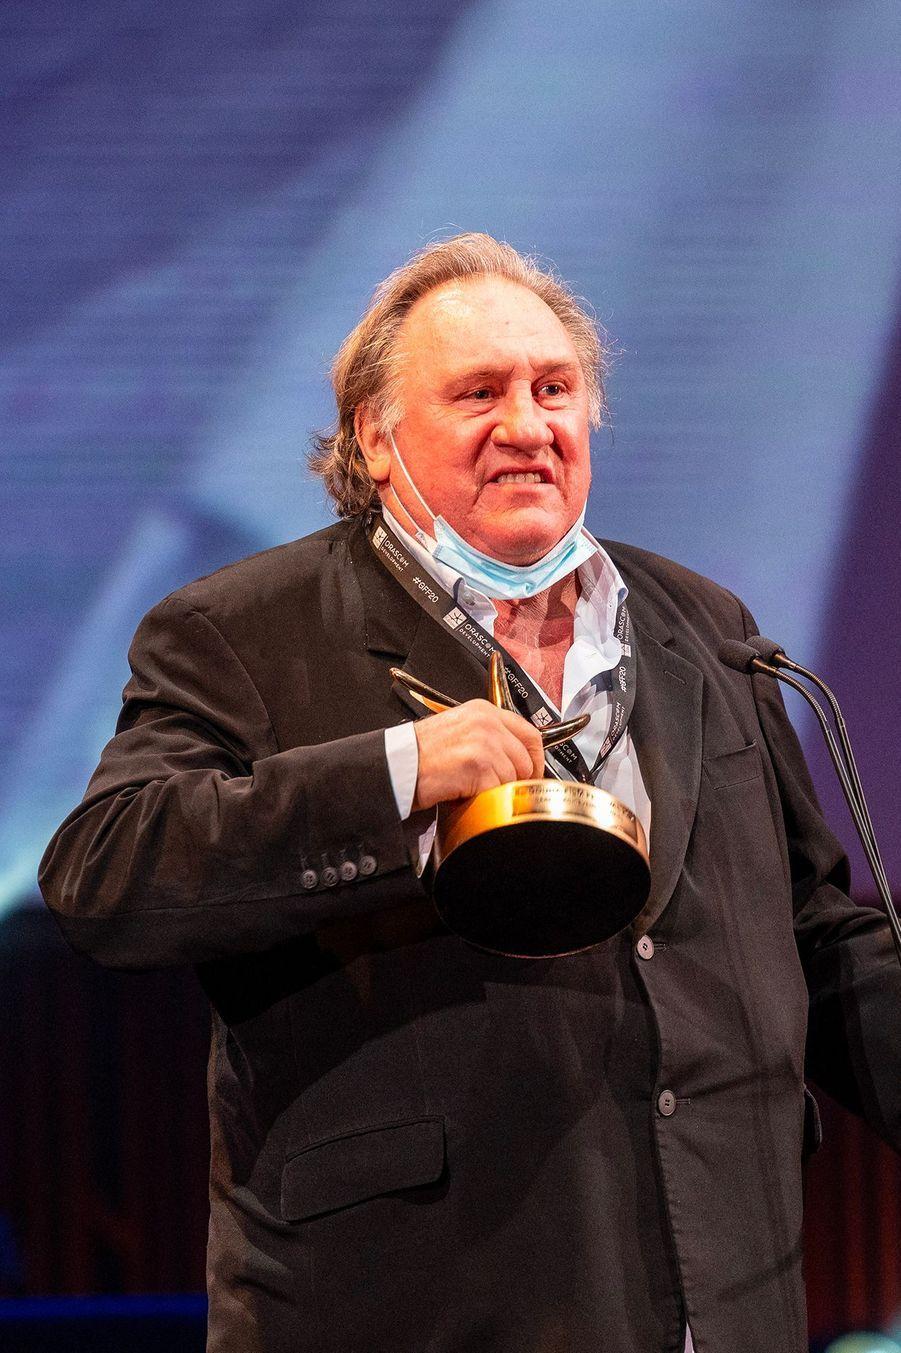 Gérard Depardieu, sur la scène du festival du film d'El Gouna, en Egypte, pour recevoir un prix d'honneur.